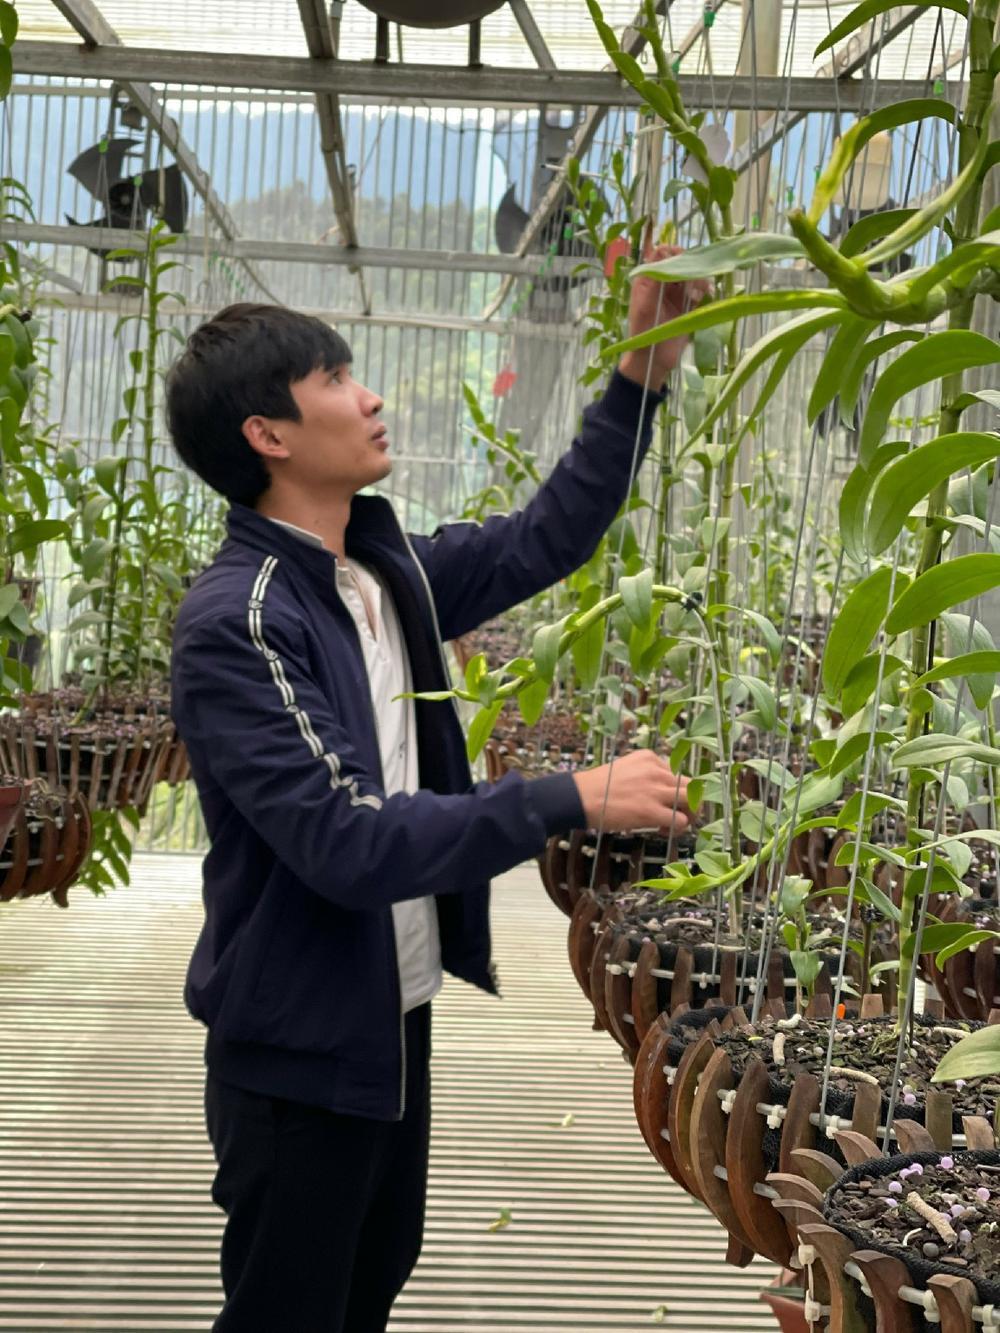 9X Nguyễn Văn Tùng 'chơi lan để thỏa niềm đam mê' Ảnh 1